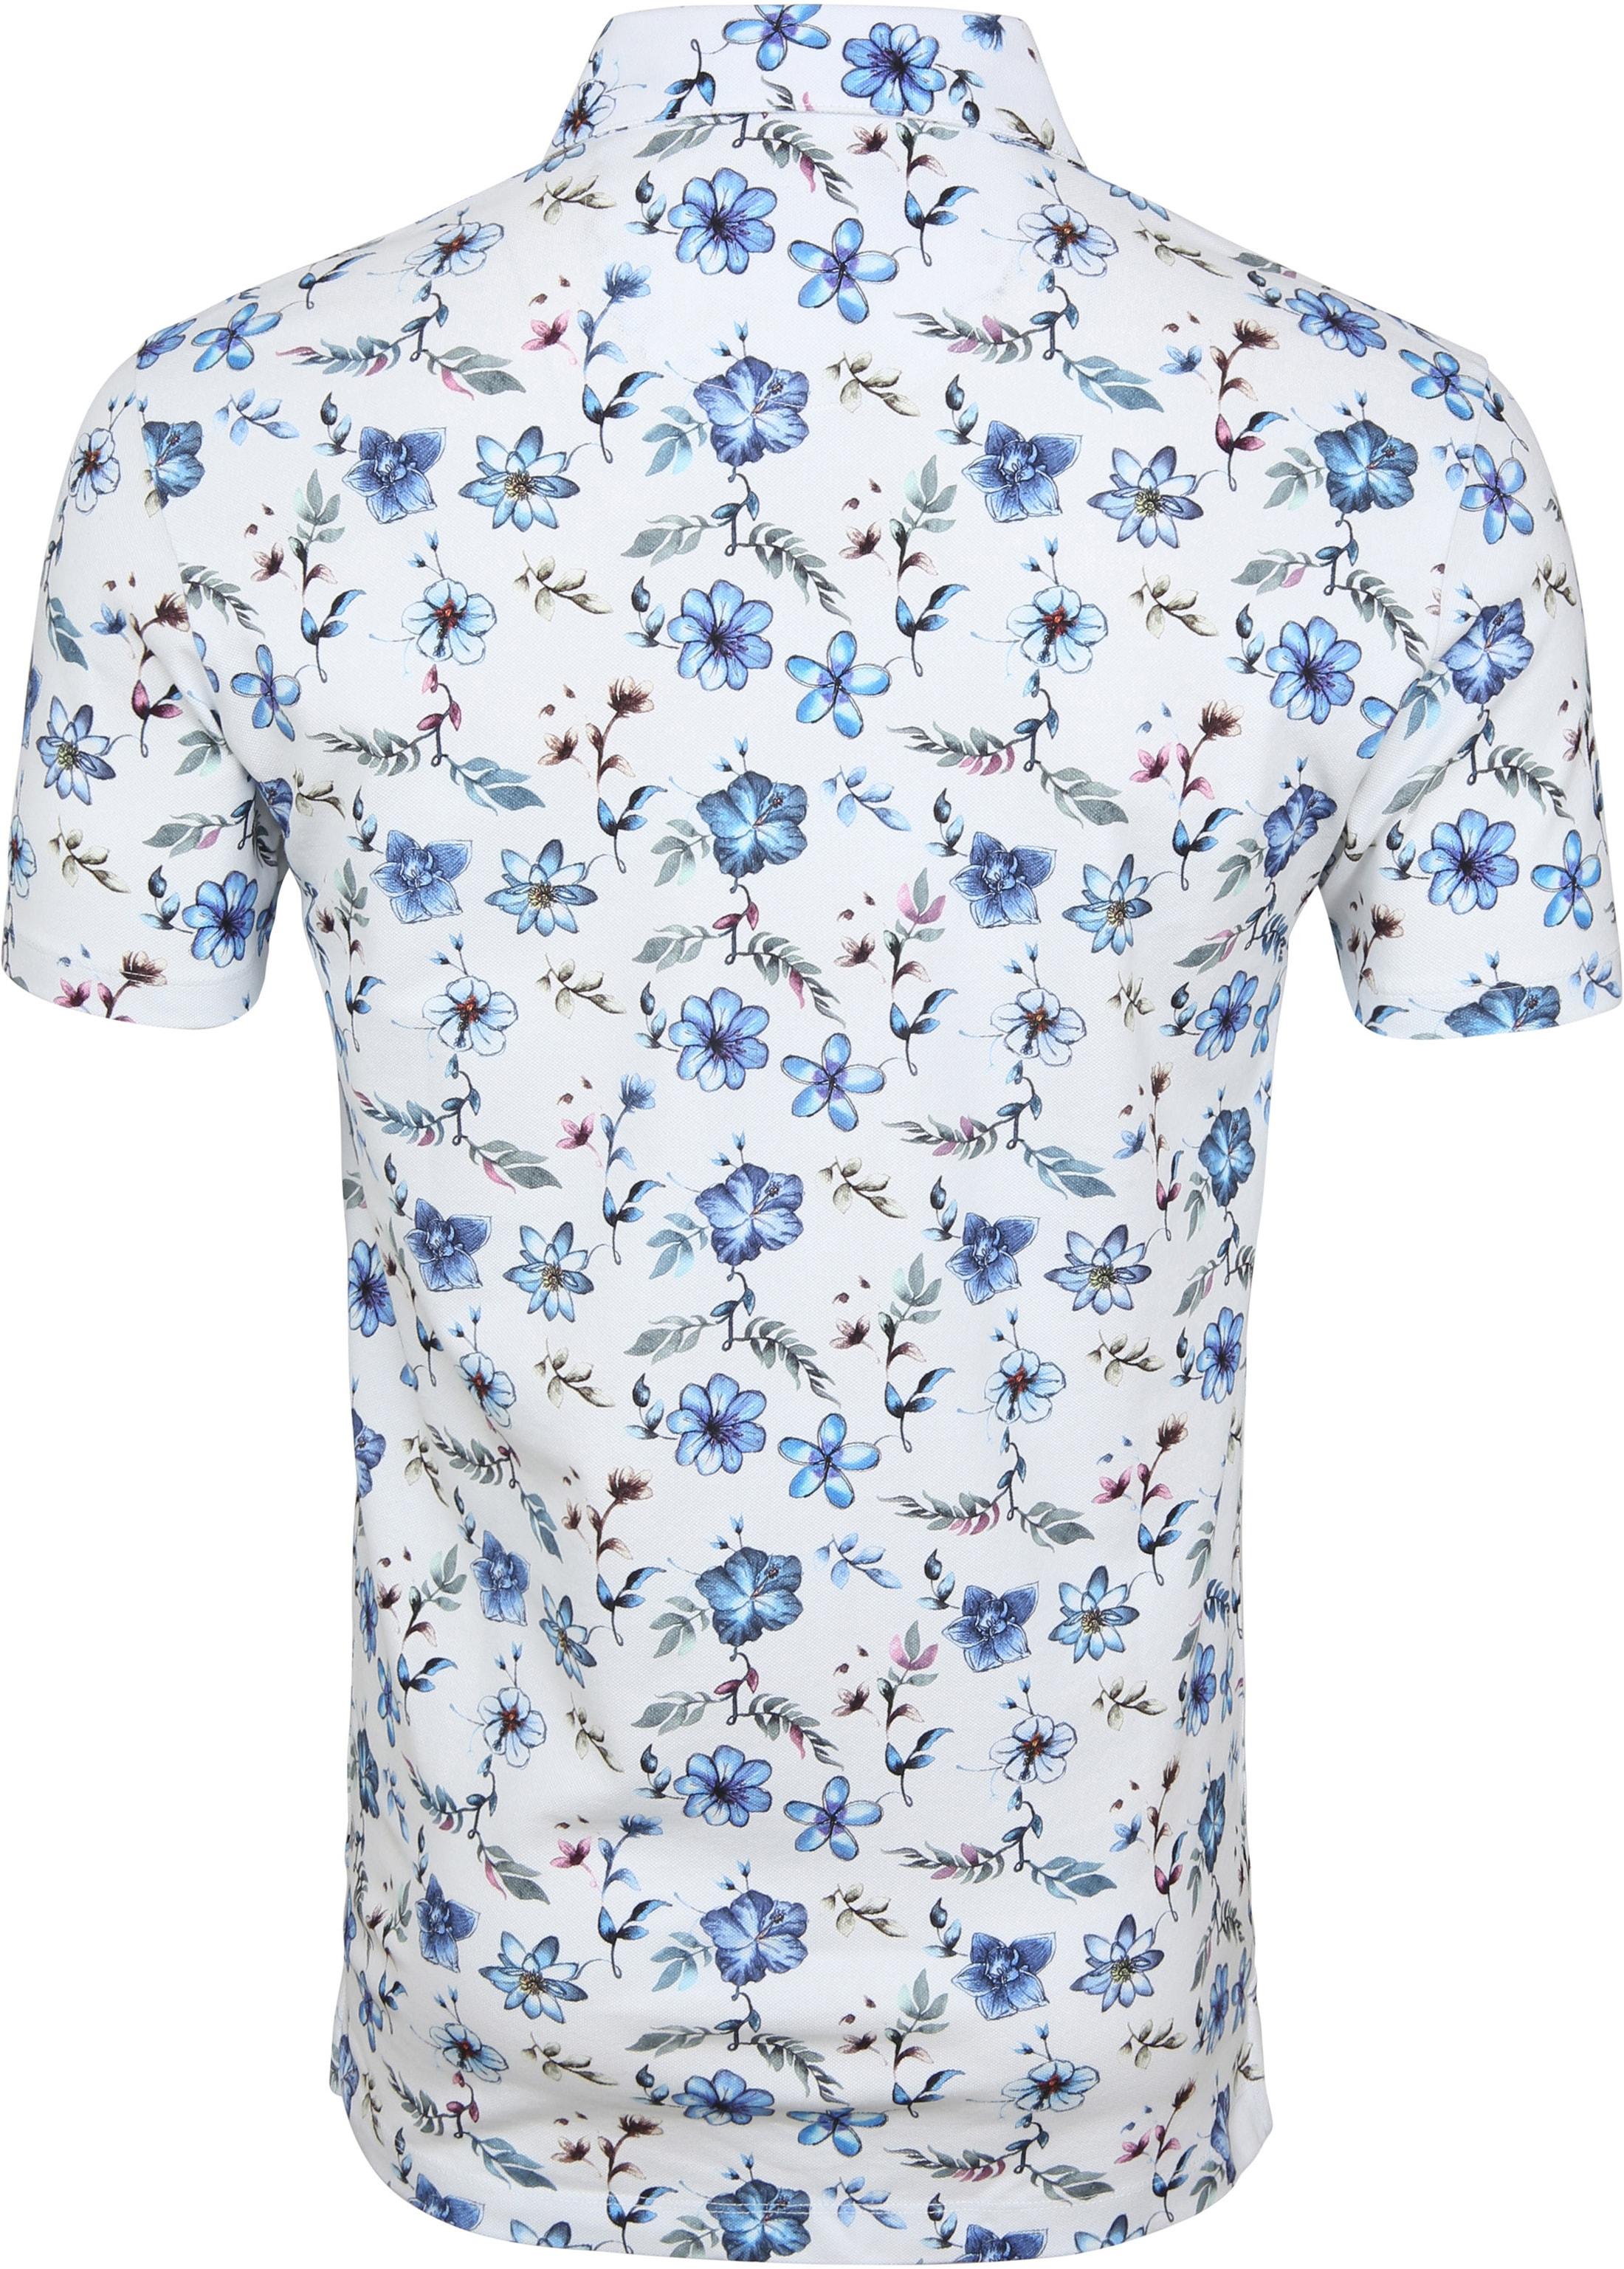 R2 Poloshirt Piquet Blumen Blau foto 3